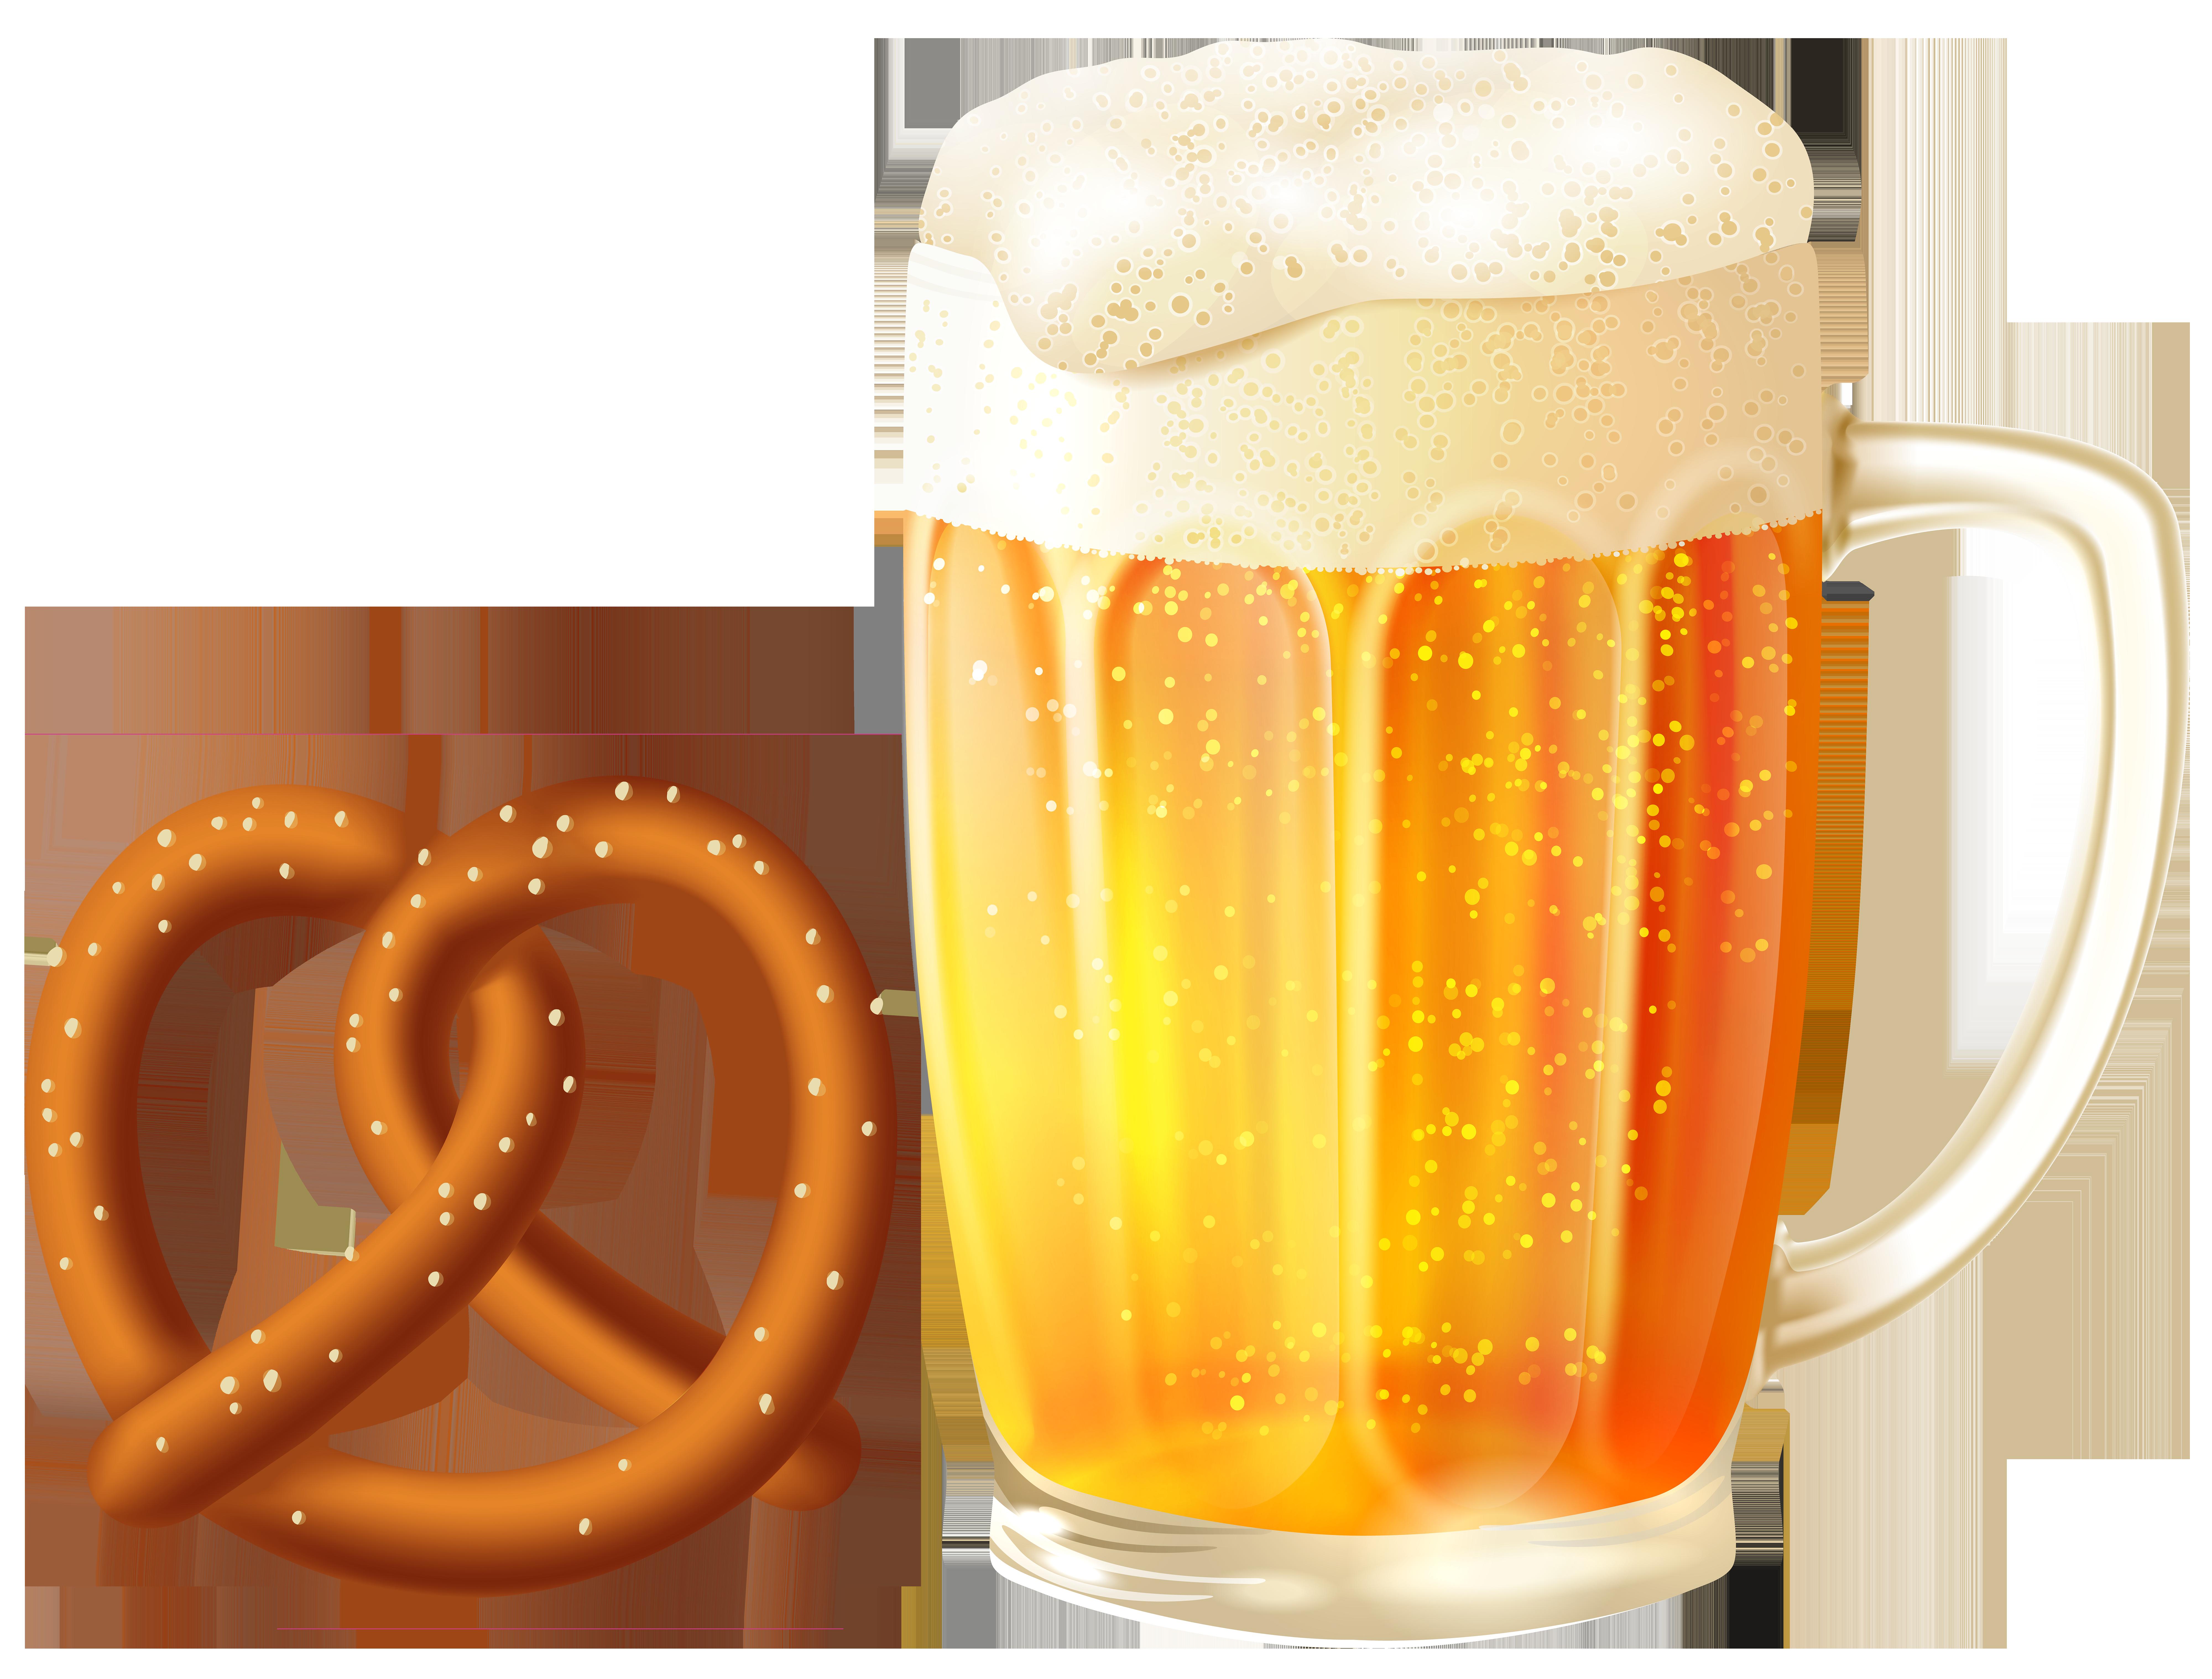 Cup clipart beer. Mug and pretzel png